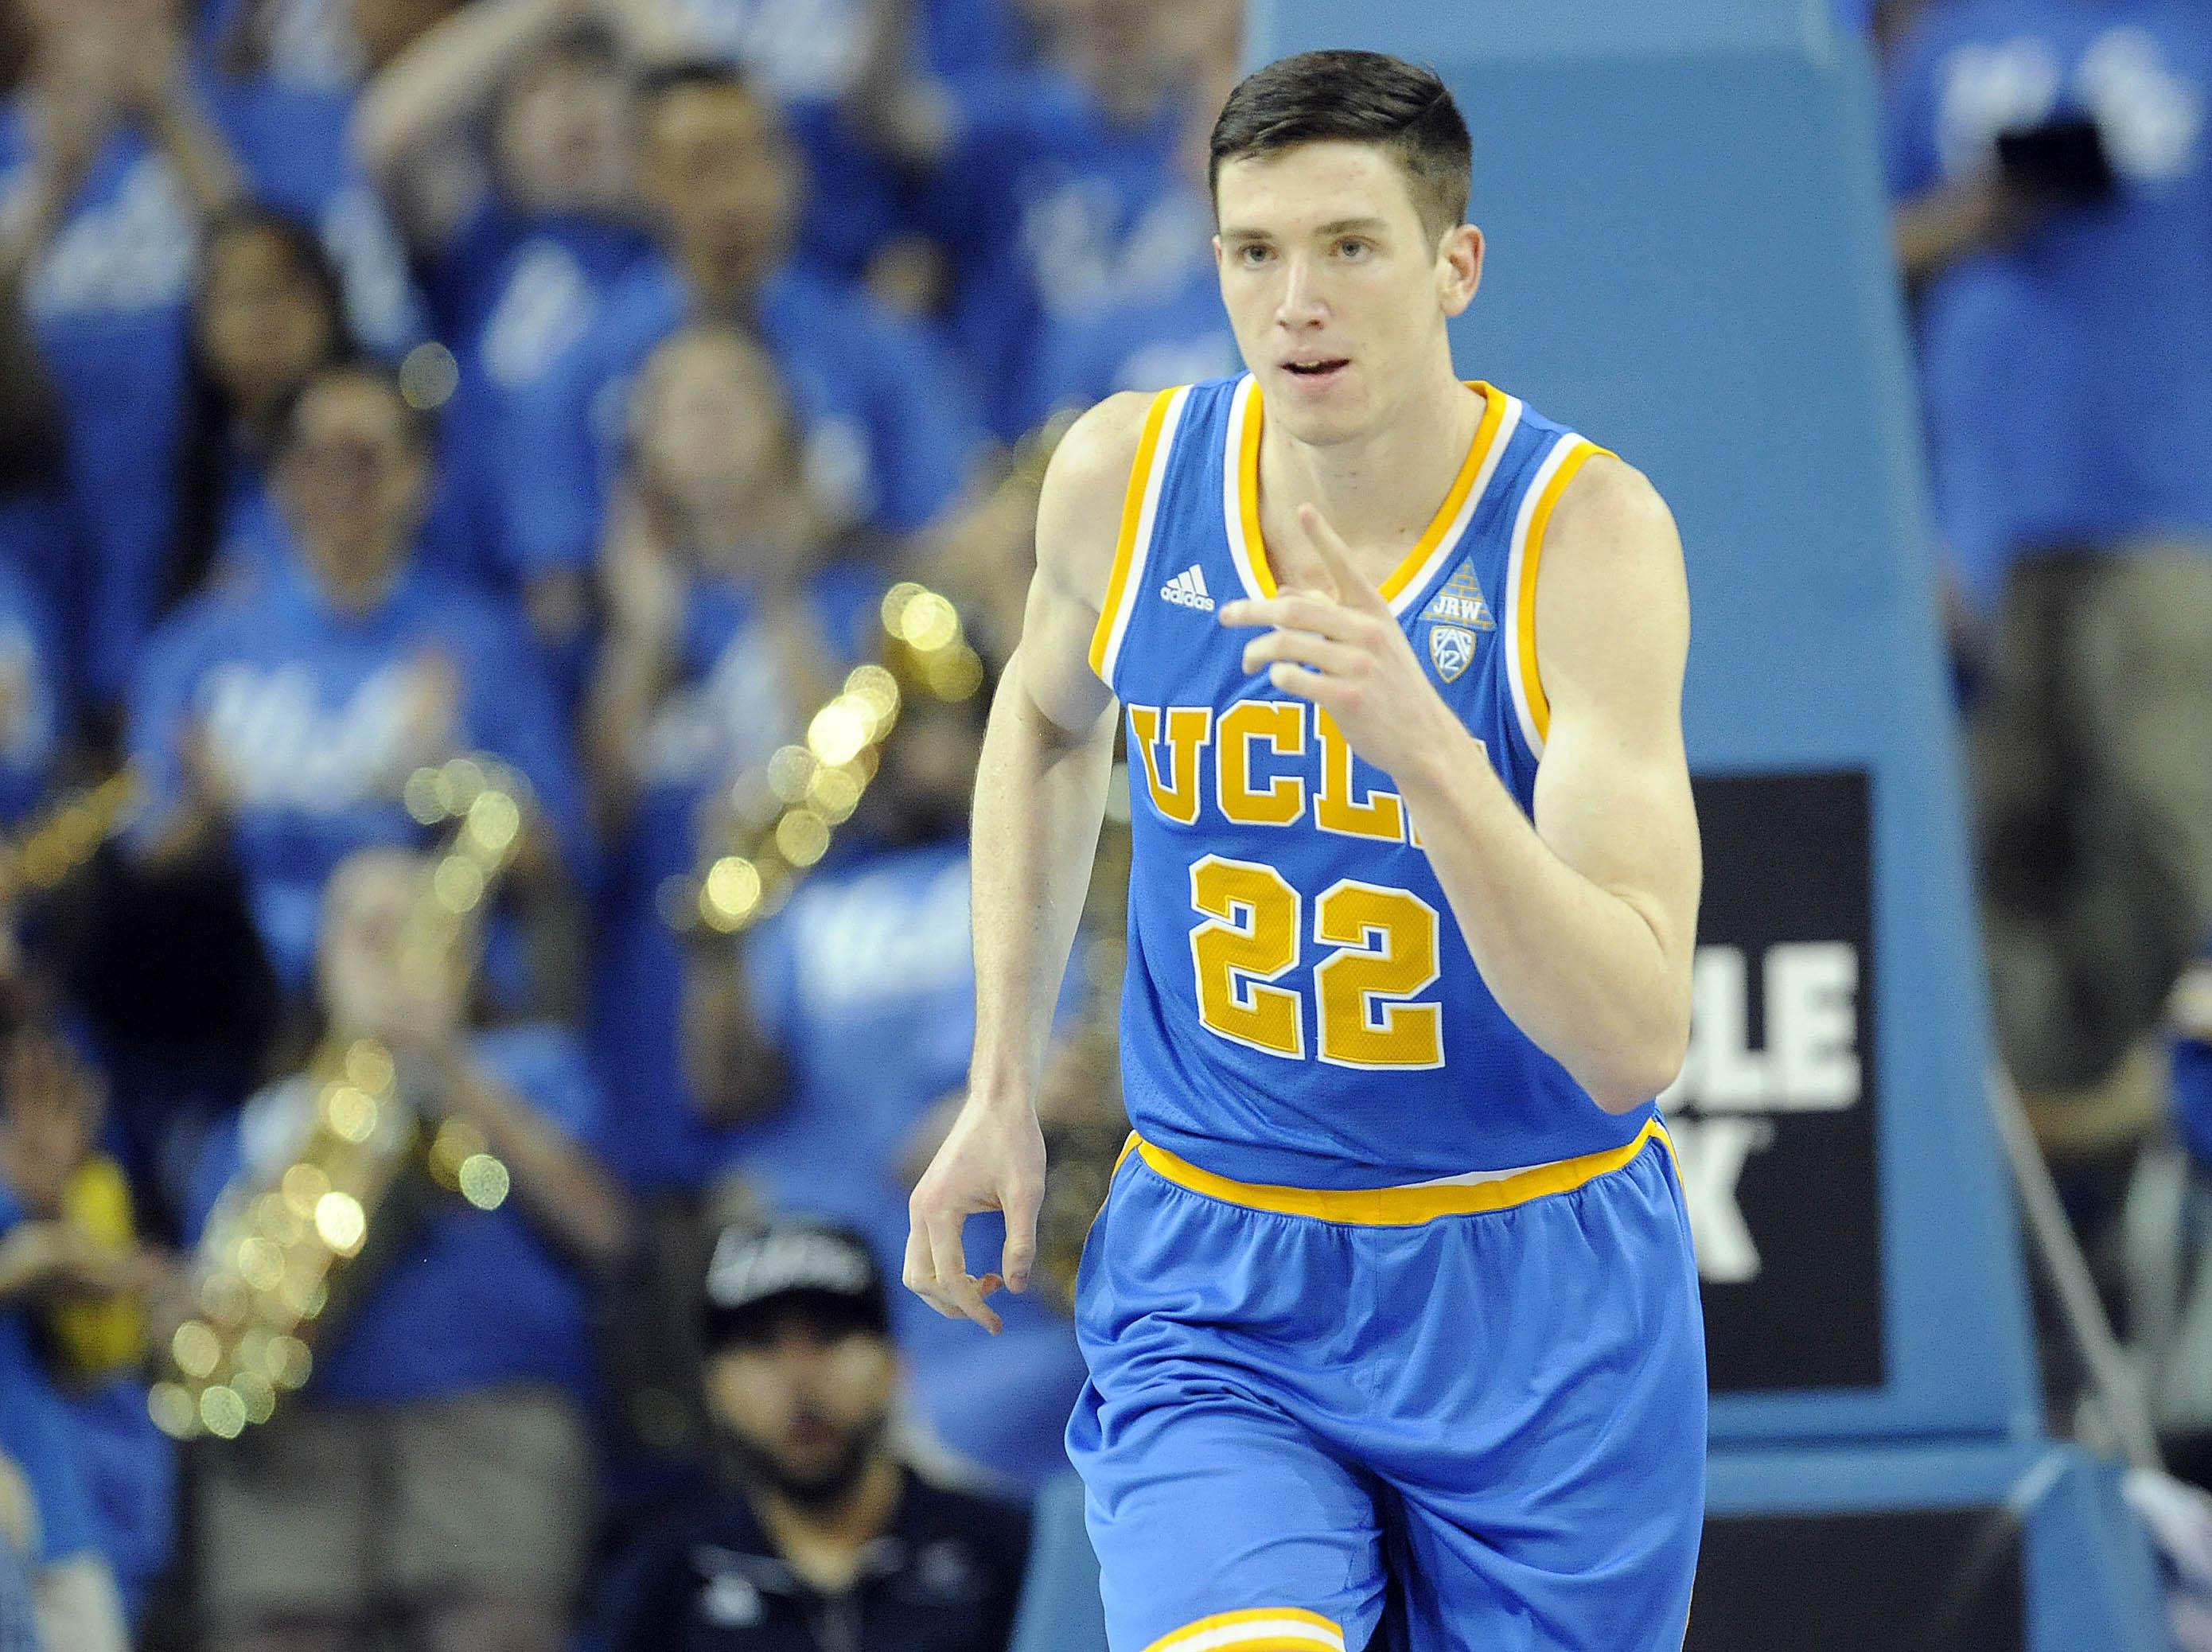 9886701-ncaa-basketball-southern-california-at-ucla